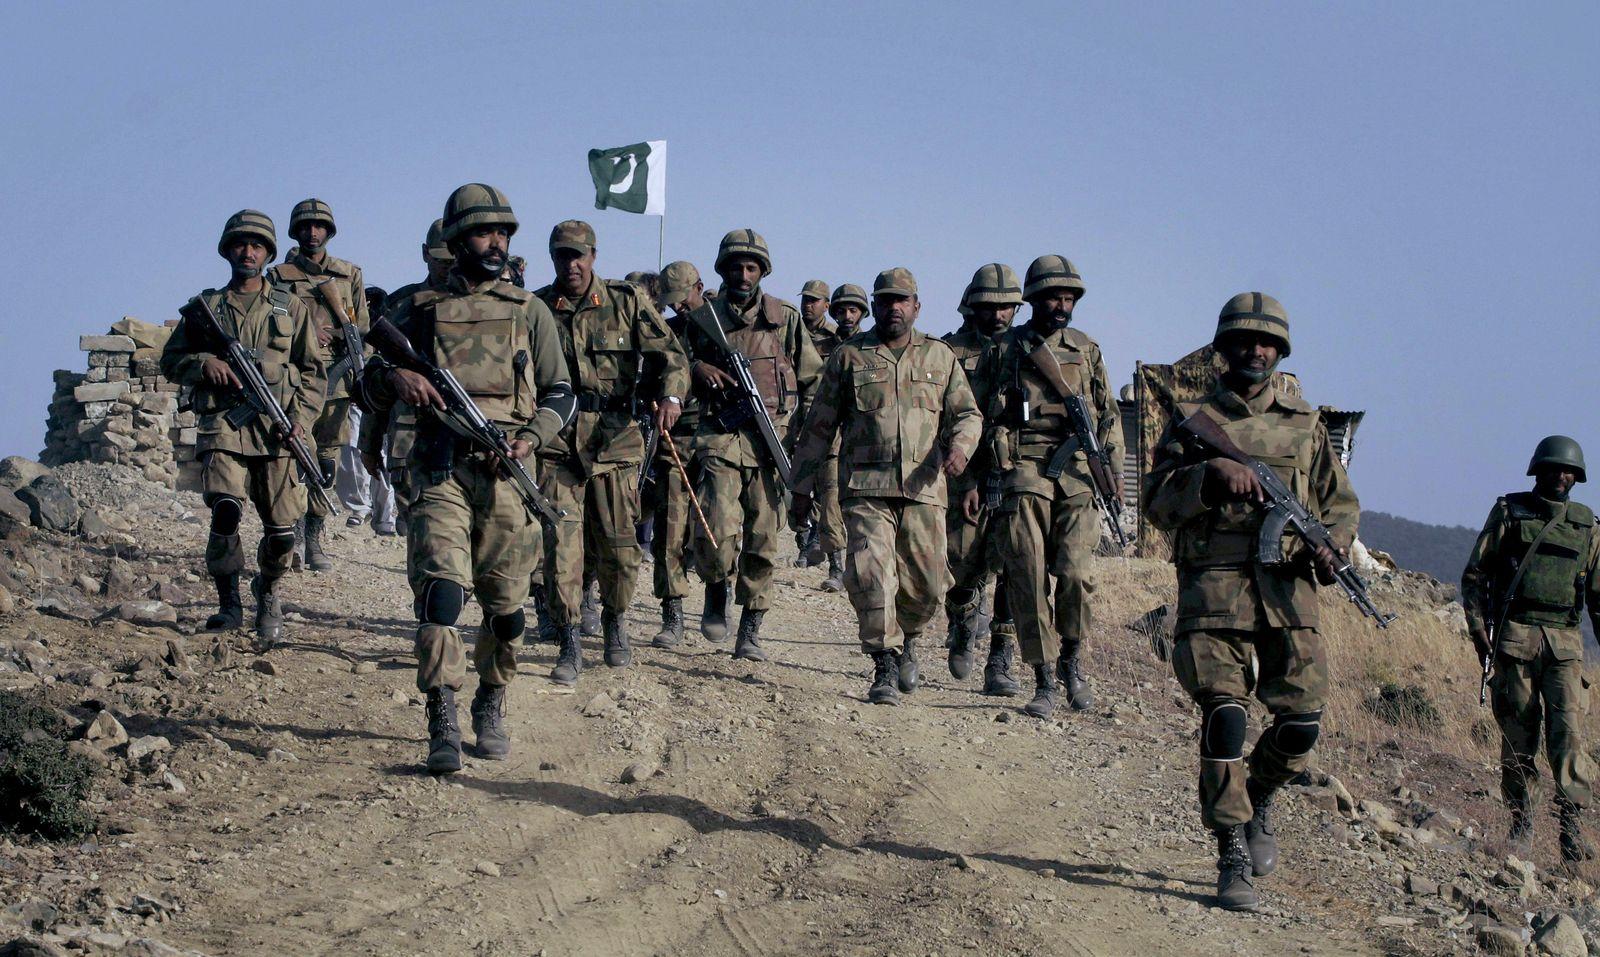 Armee Pakistan